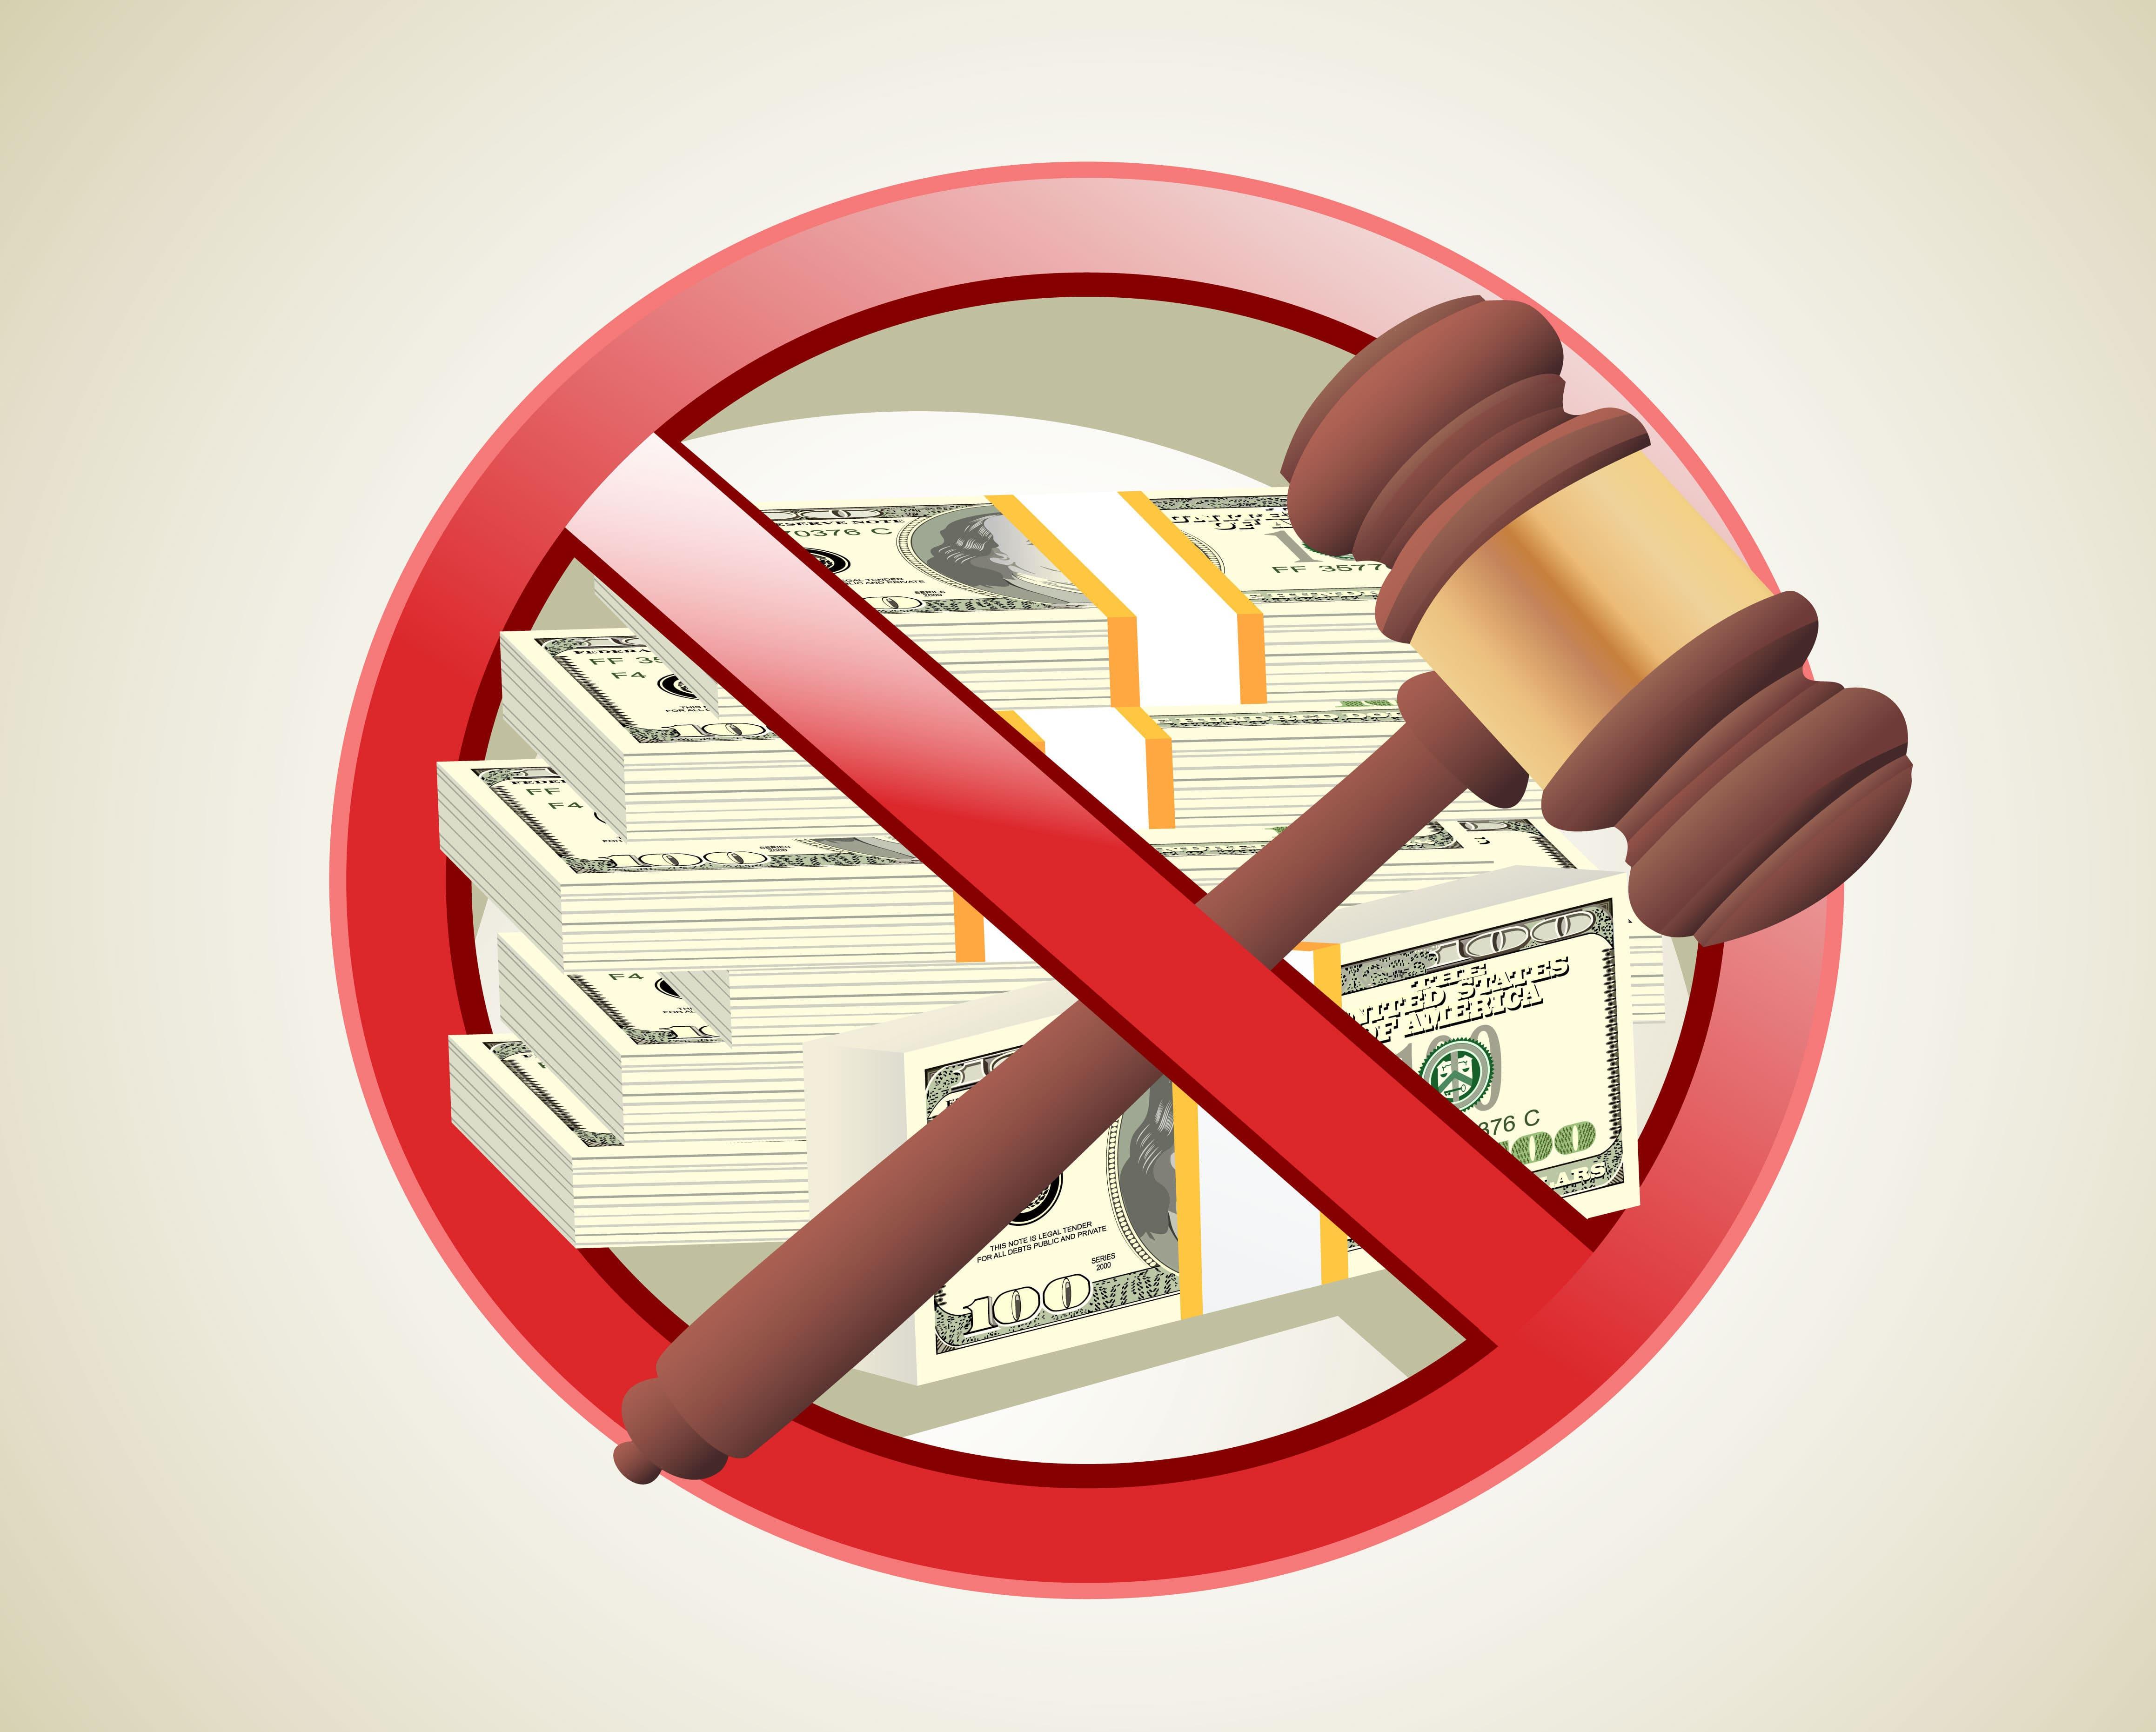 Imagem de um dinheiro confiscado para remeter ao caixa 2 nas empresas